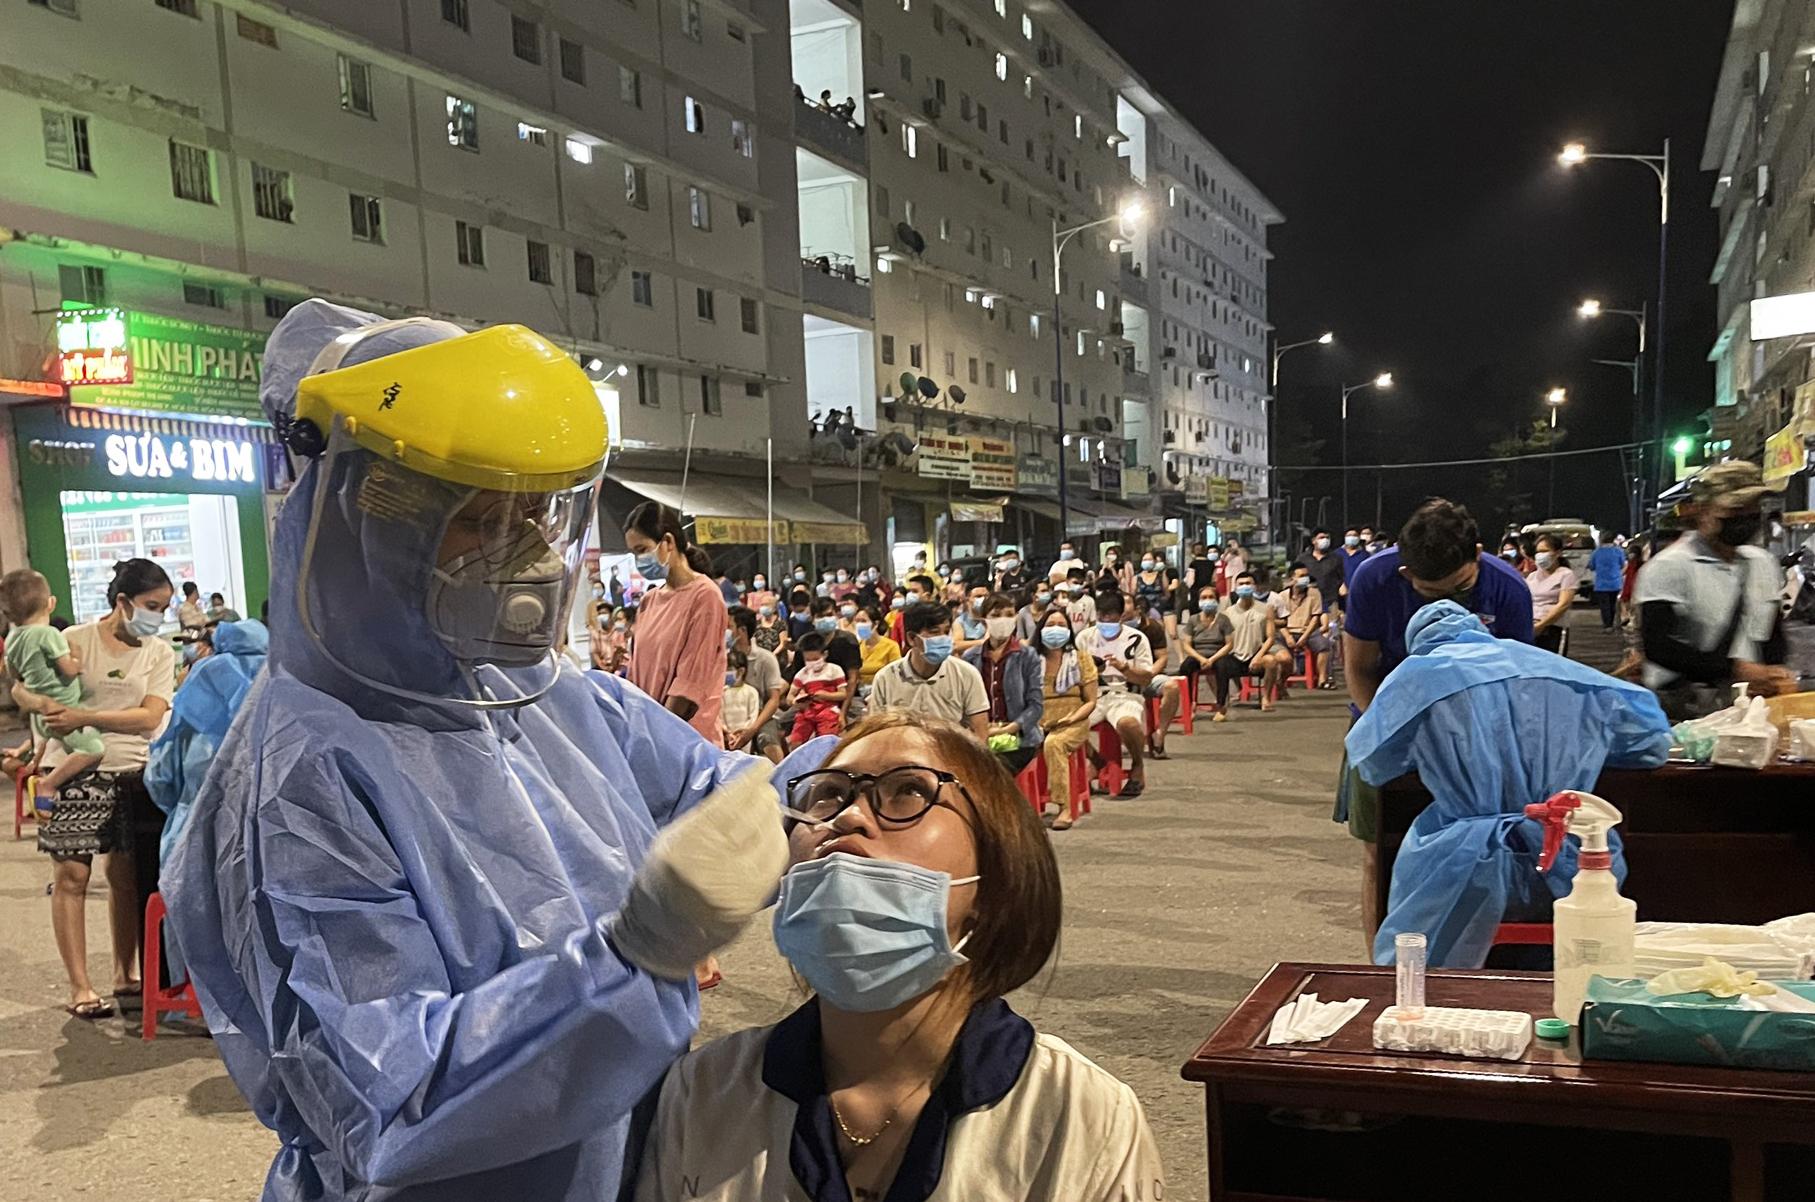 Nhân viên y tế lấy mẫu xét nghiệm một khu nhà ở xã hội tại TP Thủ Dầu Một. Ảnh: Thái Hà